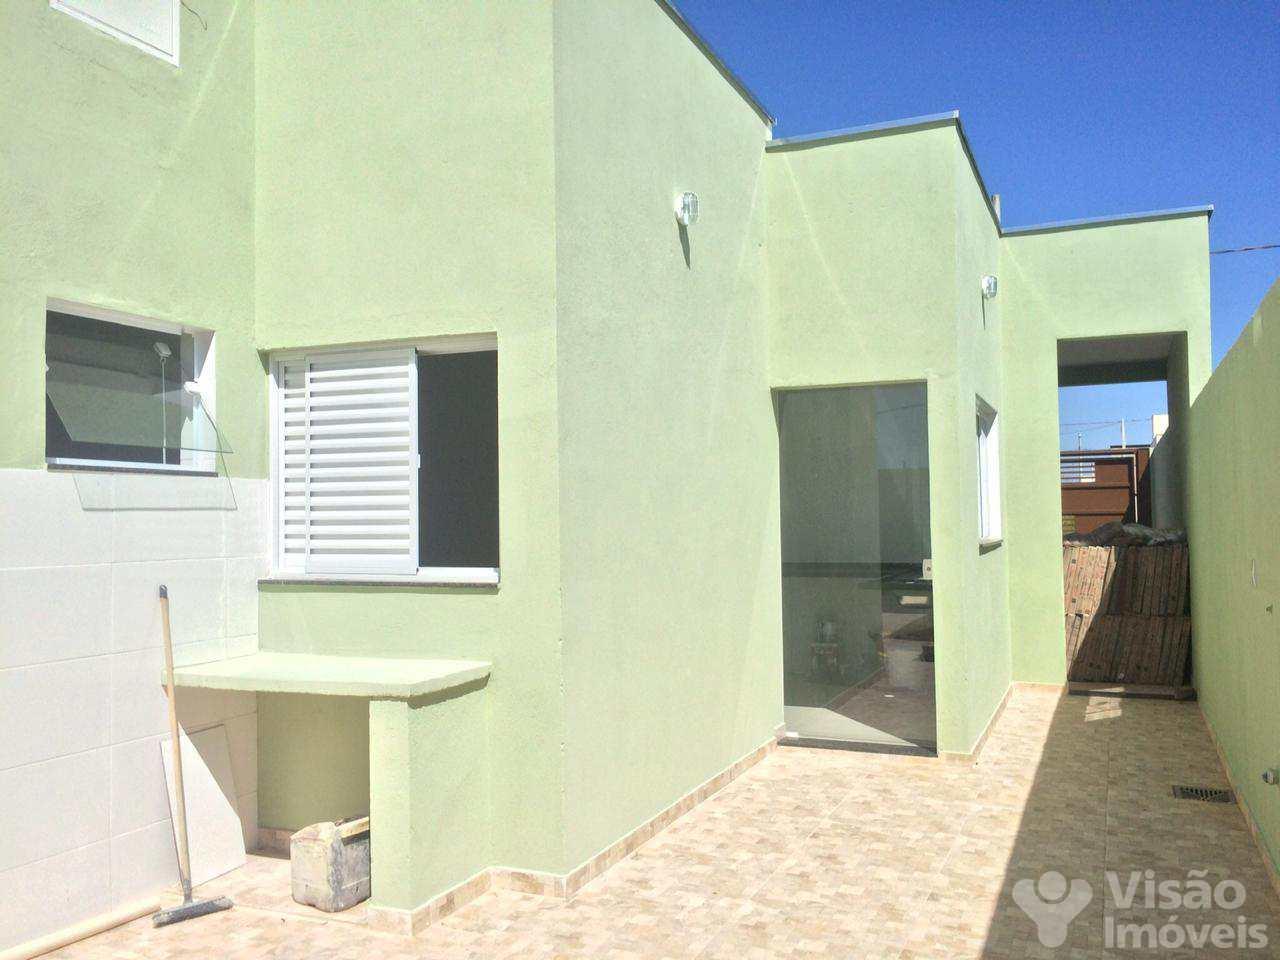 Casa com 2 dorms, Loteamento Residencial e Comercial Flamboyant, Pindamonhangaba - R$ 244 mil, Cod: 1920067